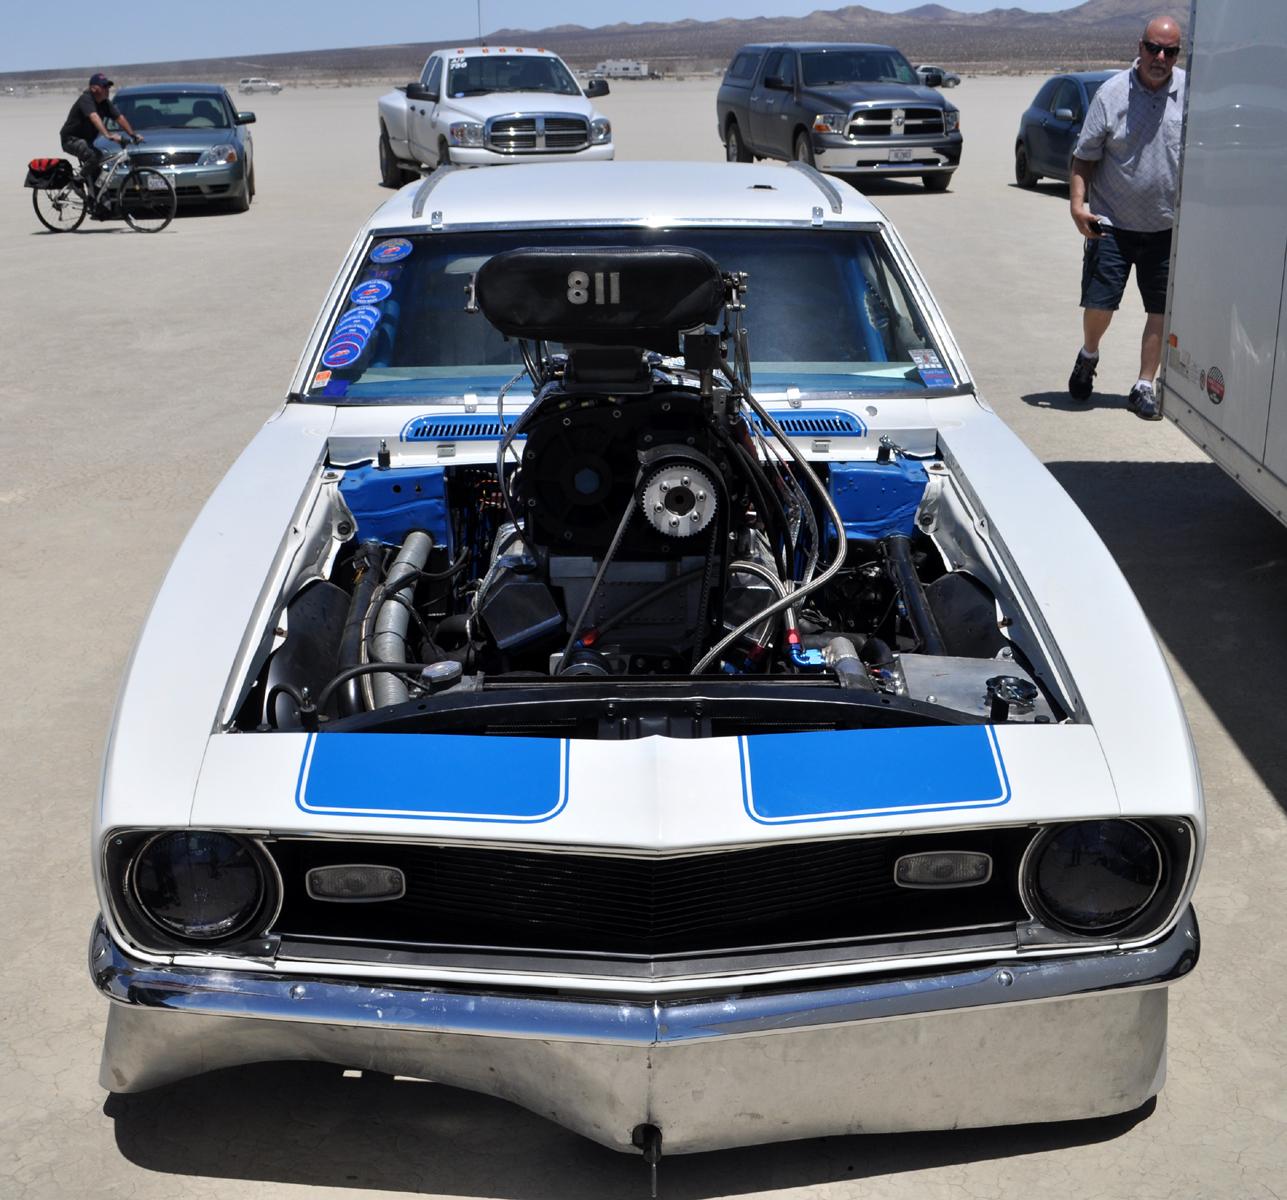 Just A Car Guy: '68 Camaro With A Big Damn 8-71 Supercharger